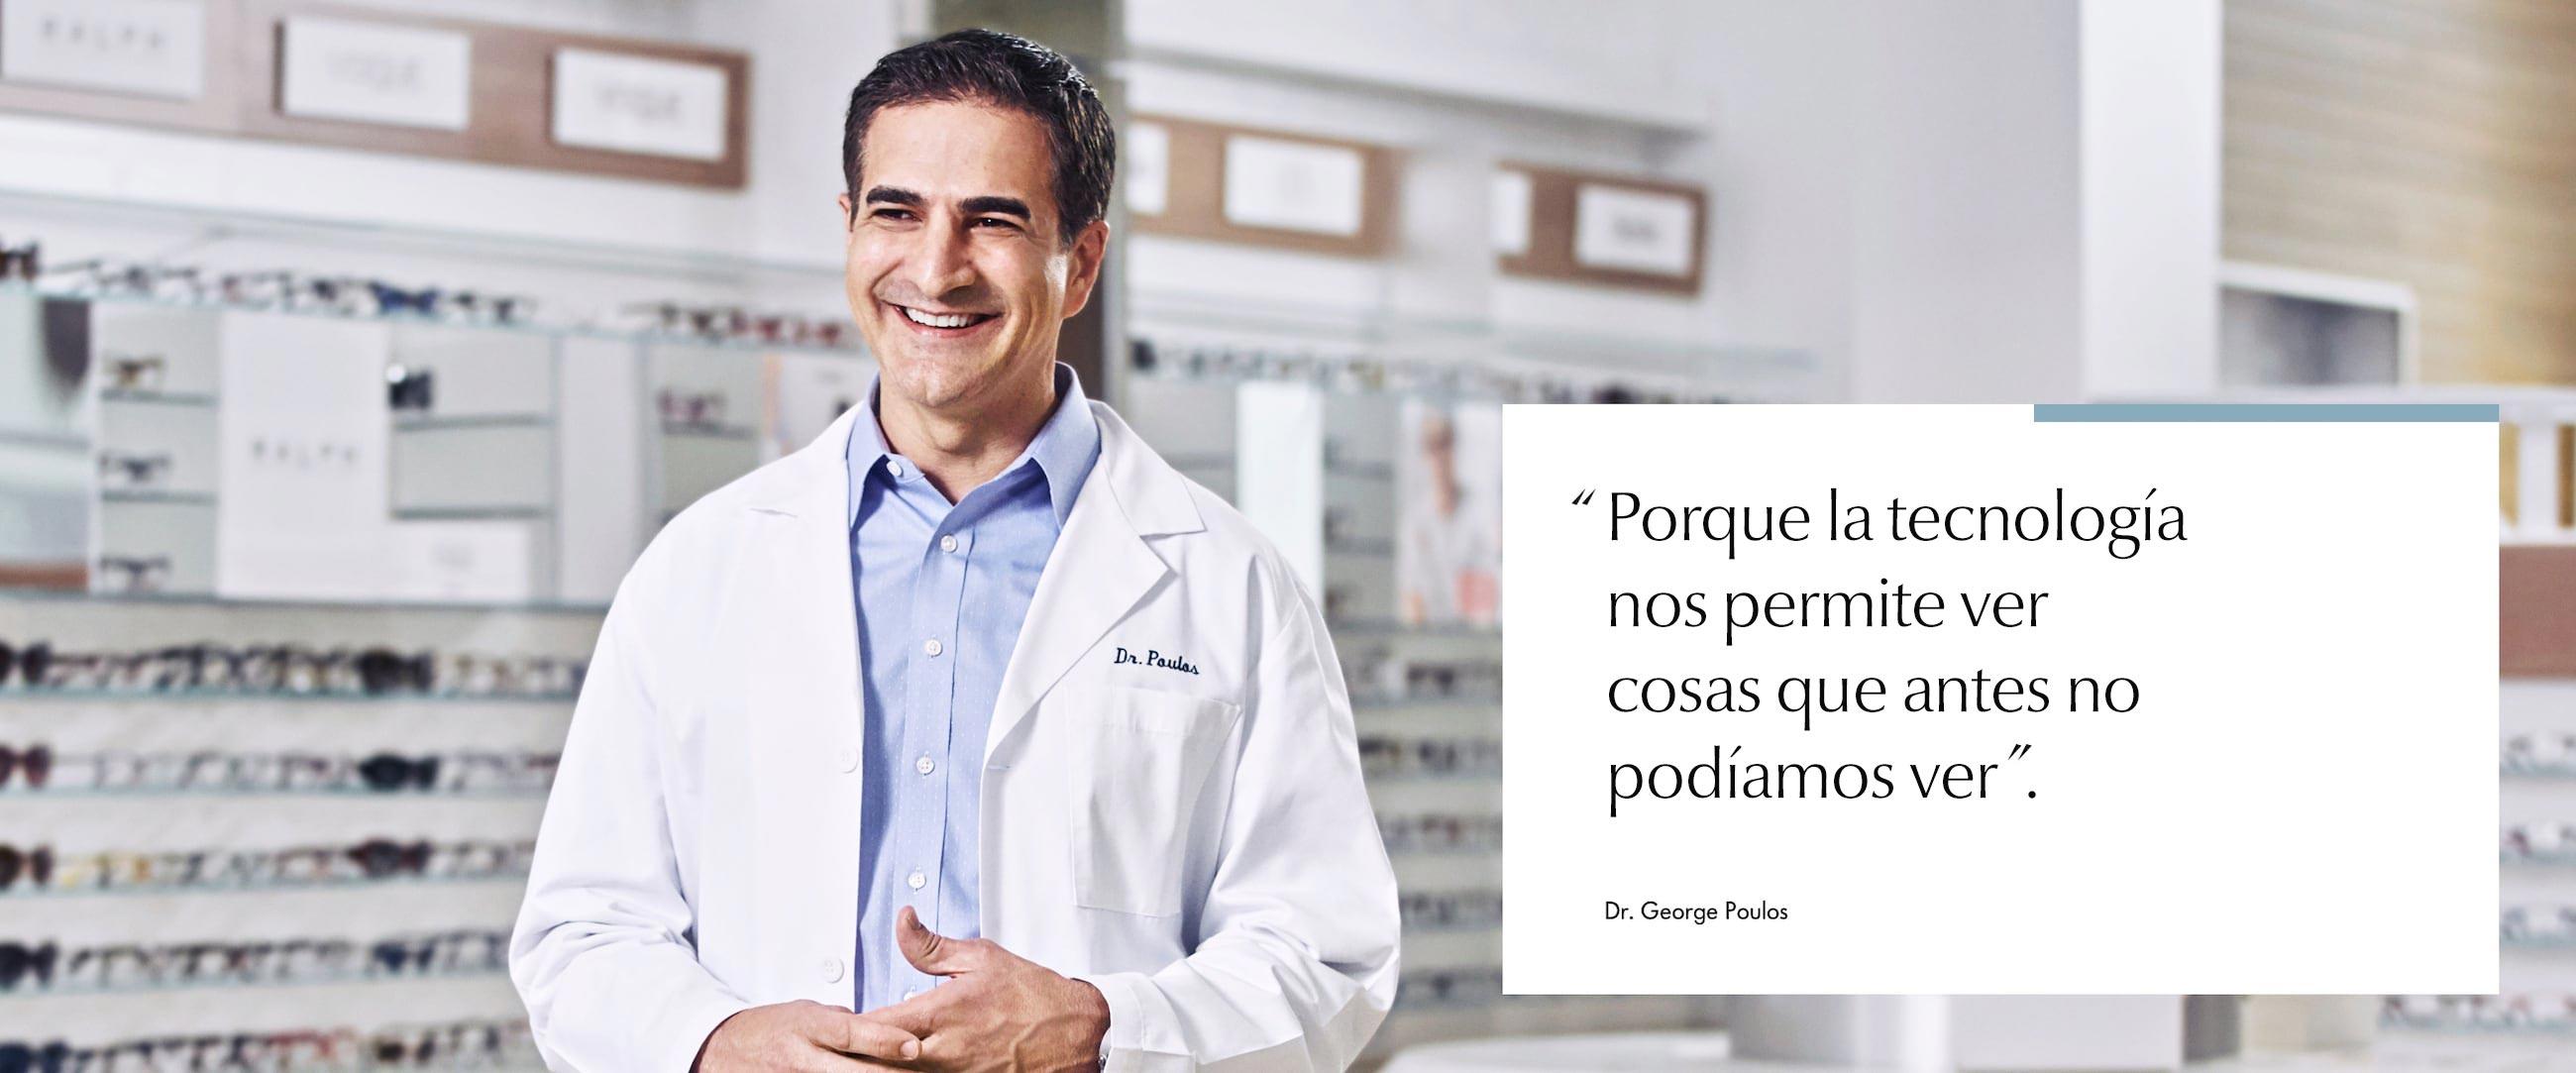 Imagen del doctor Poulos